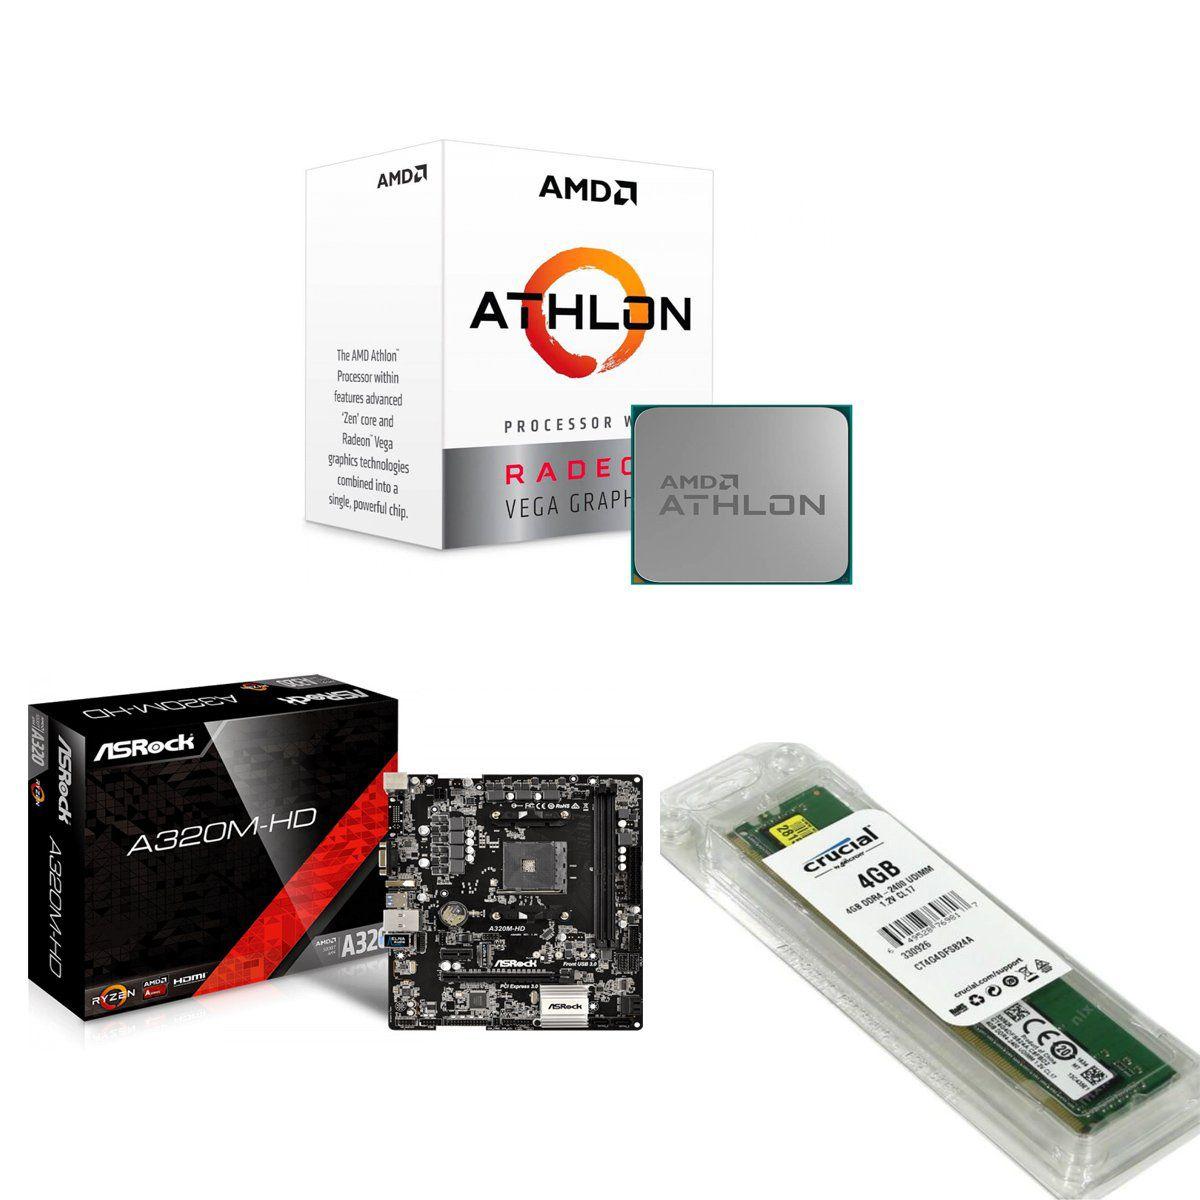 Kit Processador AMD Athlon 200G 3.2GHz, AM4 + Placa Mãe Asrock AM4 + 4GB DDR4 2400MHZ Crucial